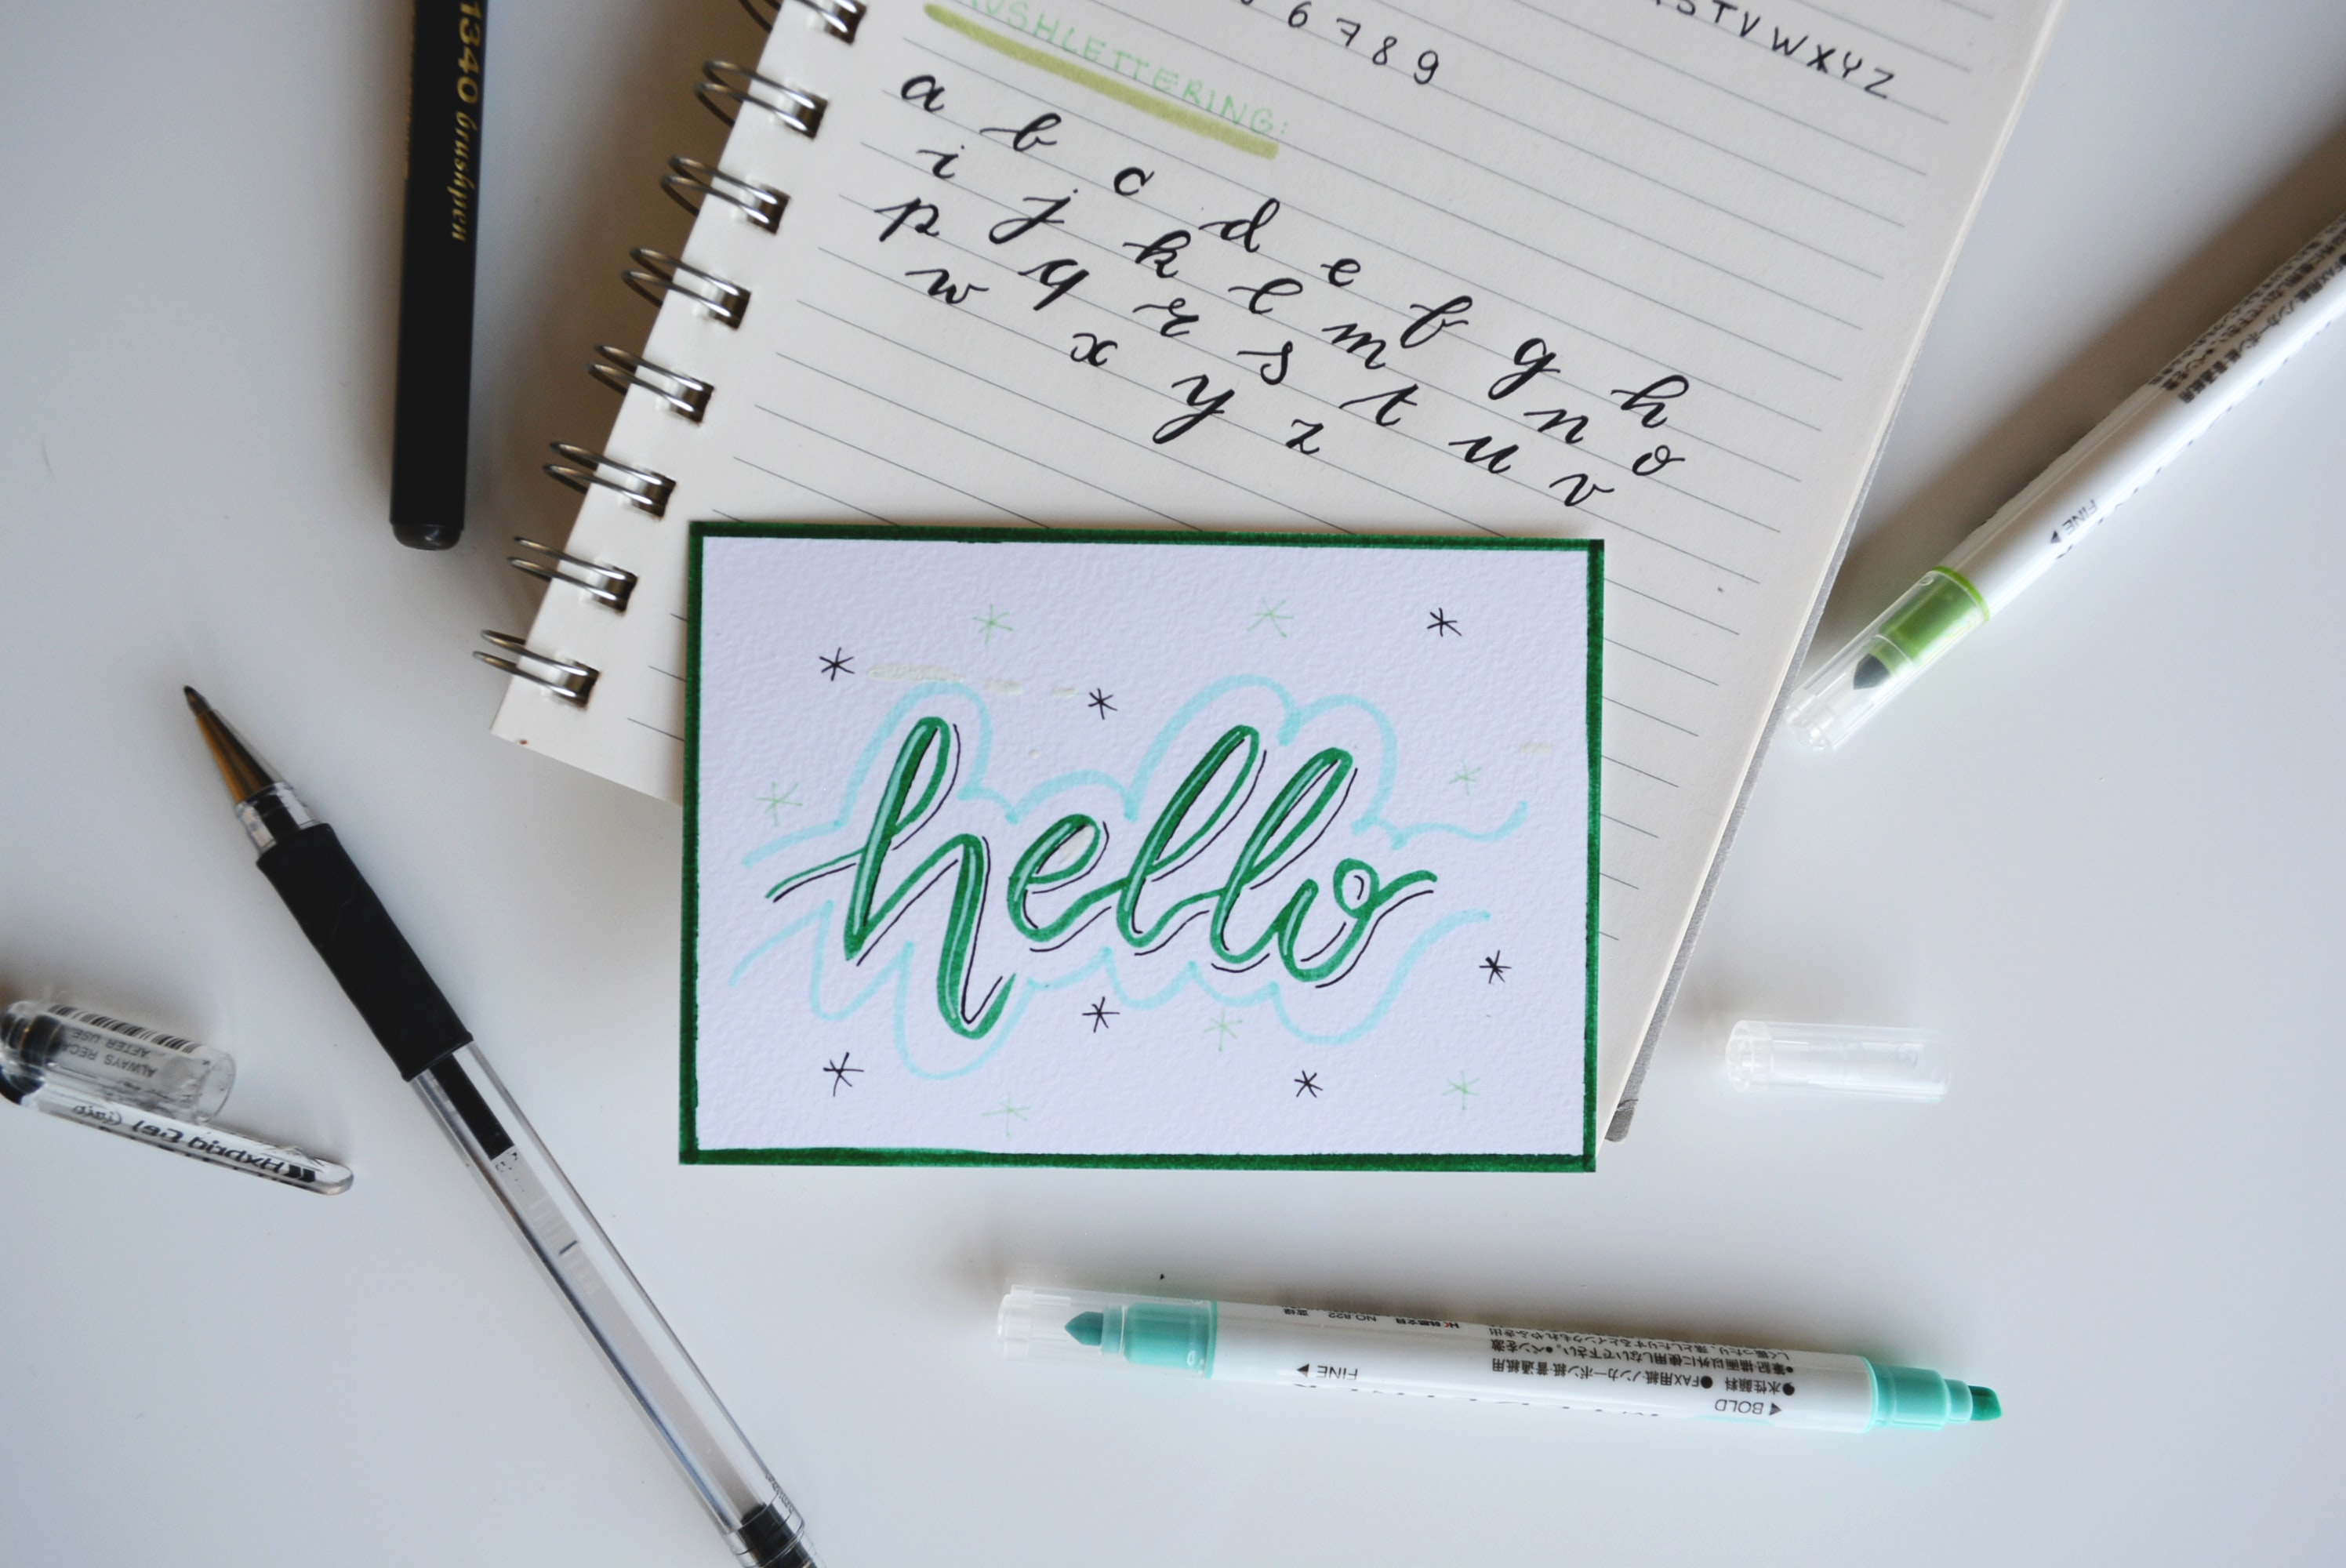 helloという文字